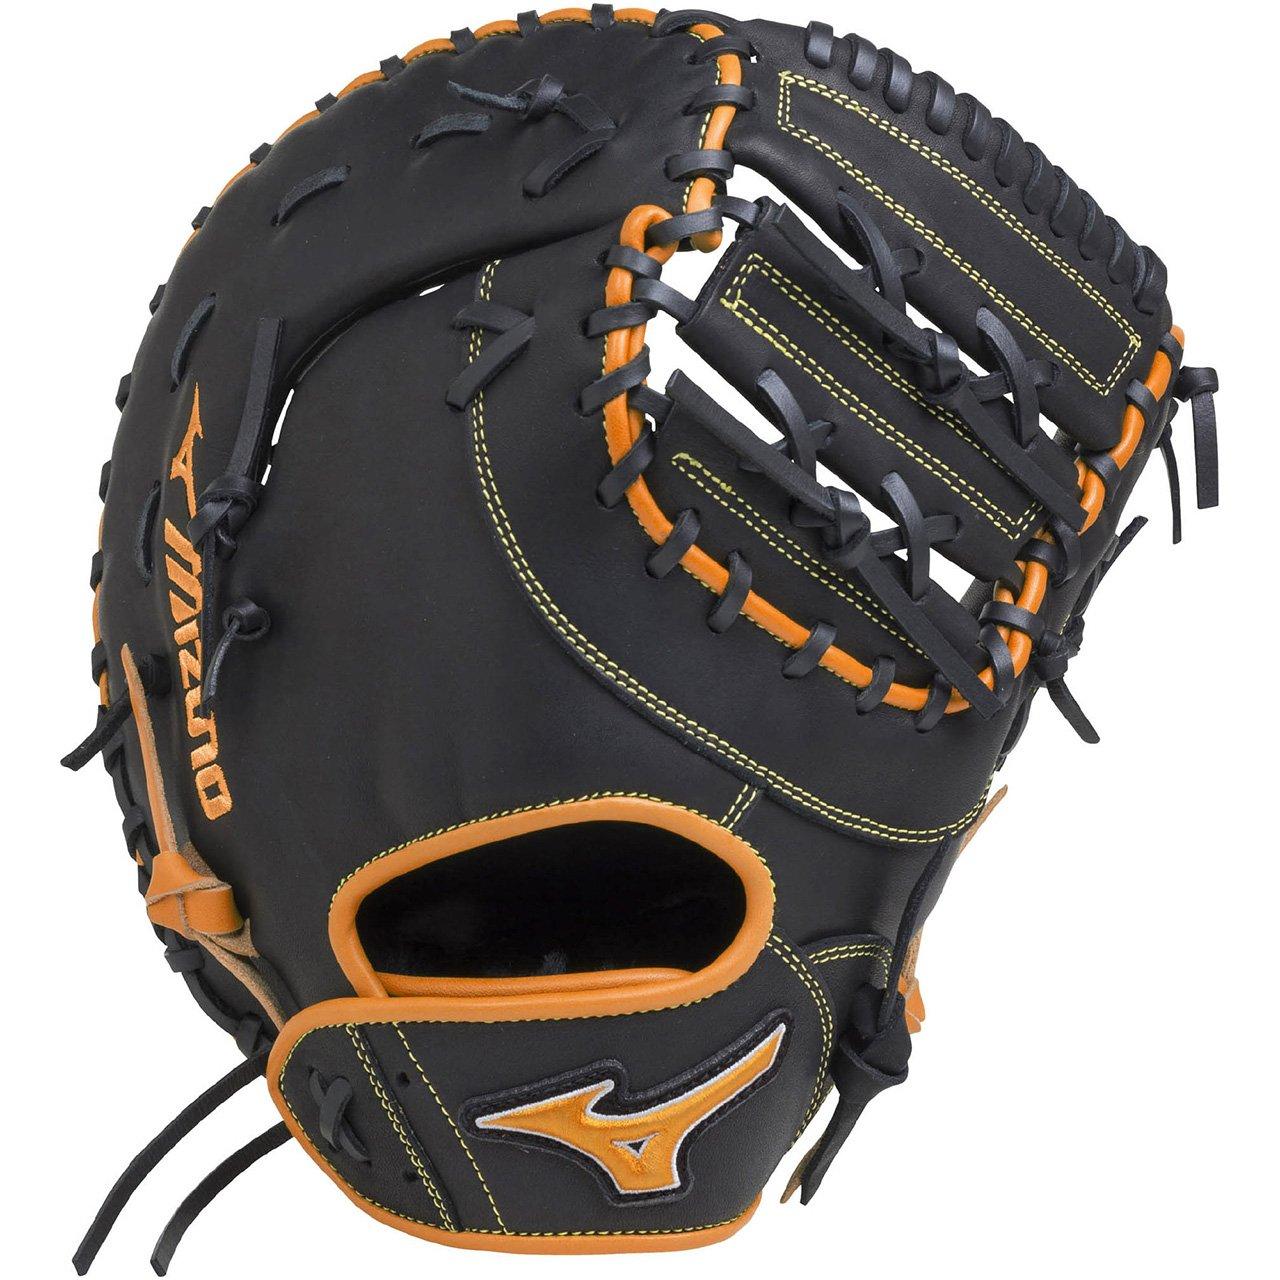 ミズノ(MIZUNO) ソフトボール用 エレメントフュージョンUMiX 捕手一塁手兼用(コンパクトタイプ) 1AJCS18420 B079TMWTDD 左投用|ブラック×クリアオレンジ(0951) ブラック×クリアオレンジ(0951) 左投用